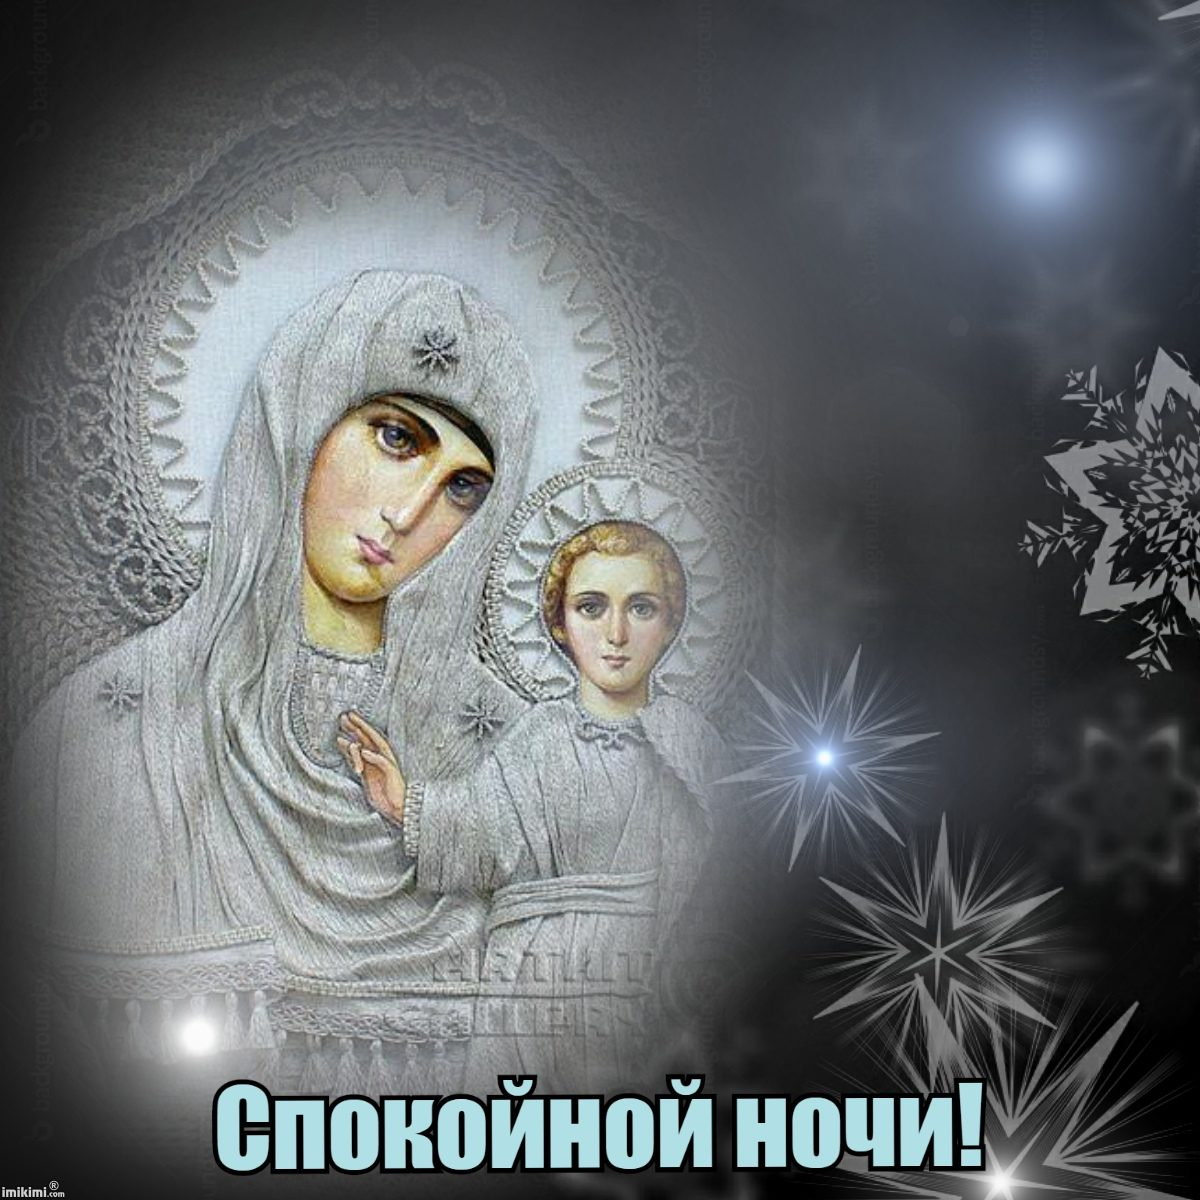 Православные открытки спокойной ночи с молитвой на сон грядущий, точек знаков для